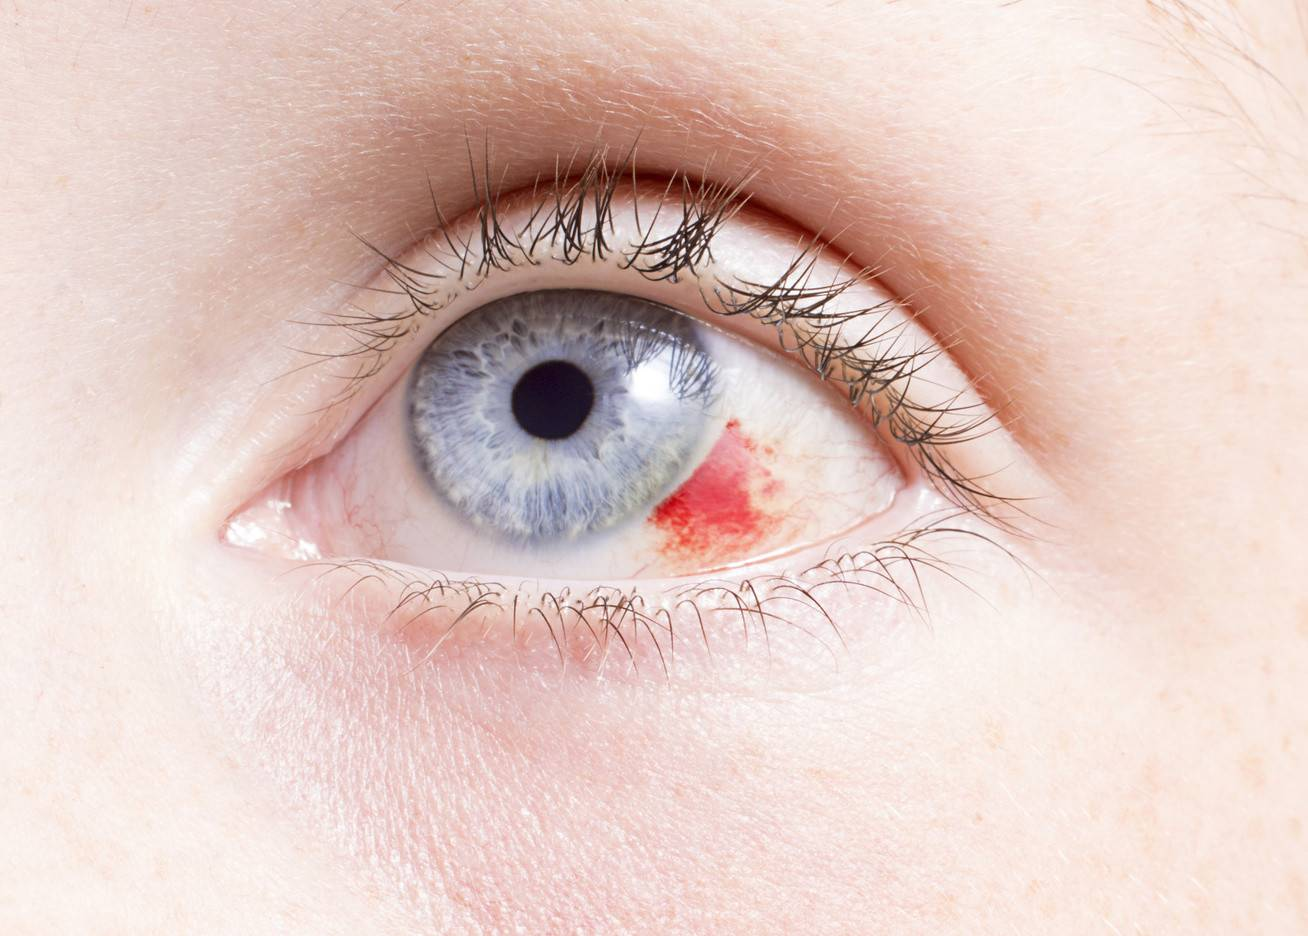 cukorbeteg szem